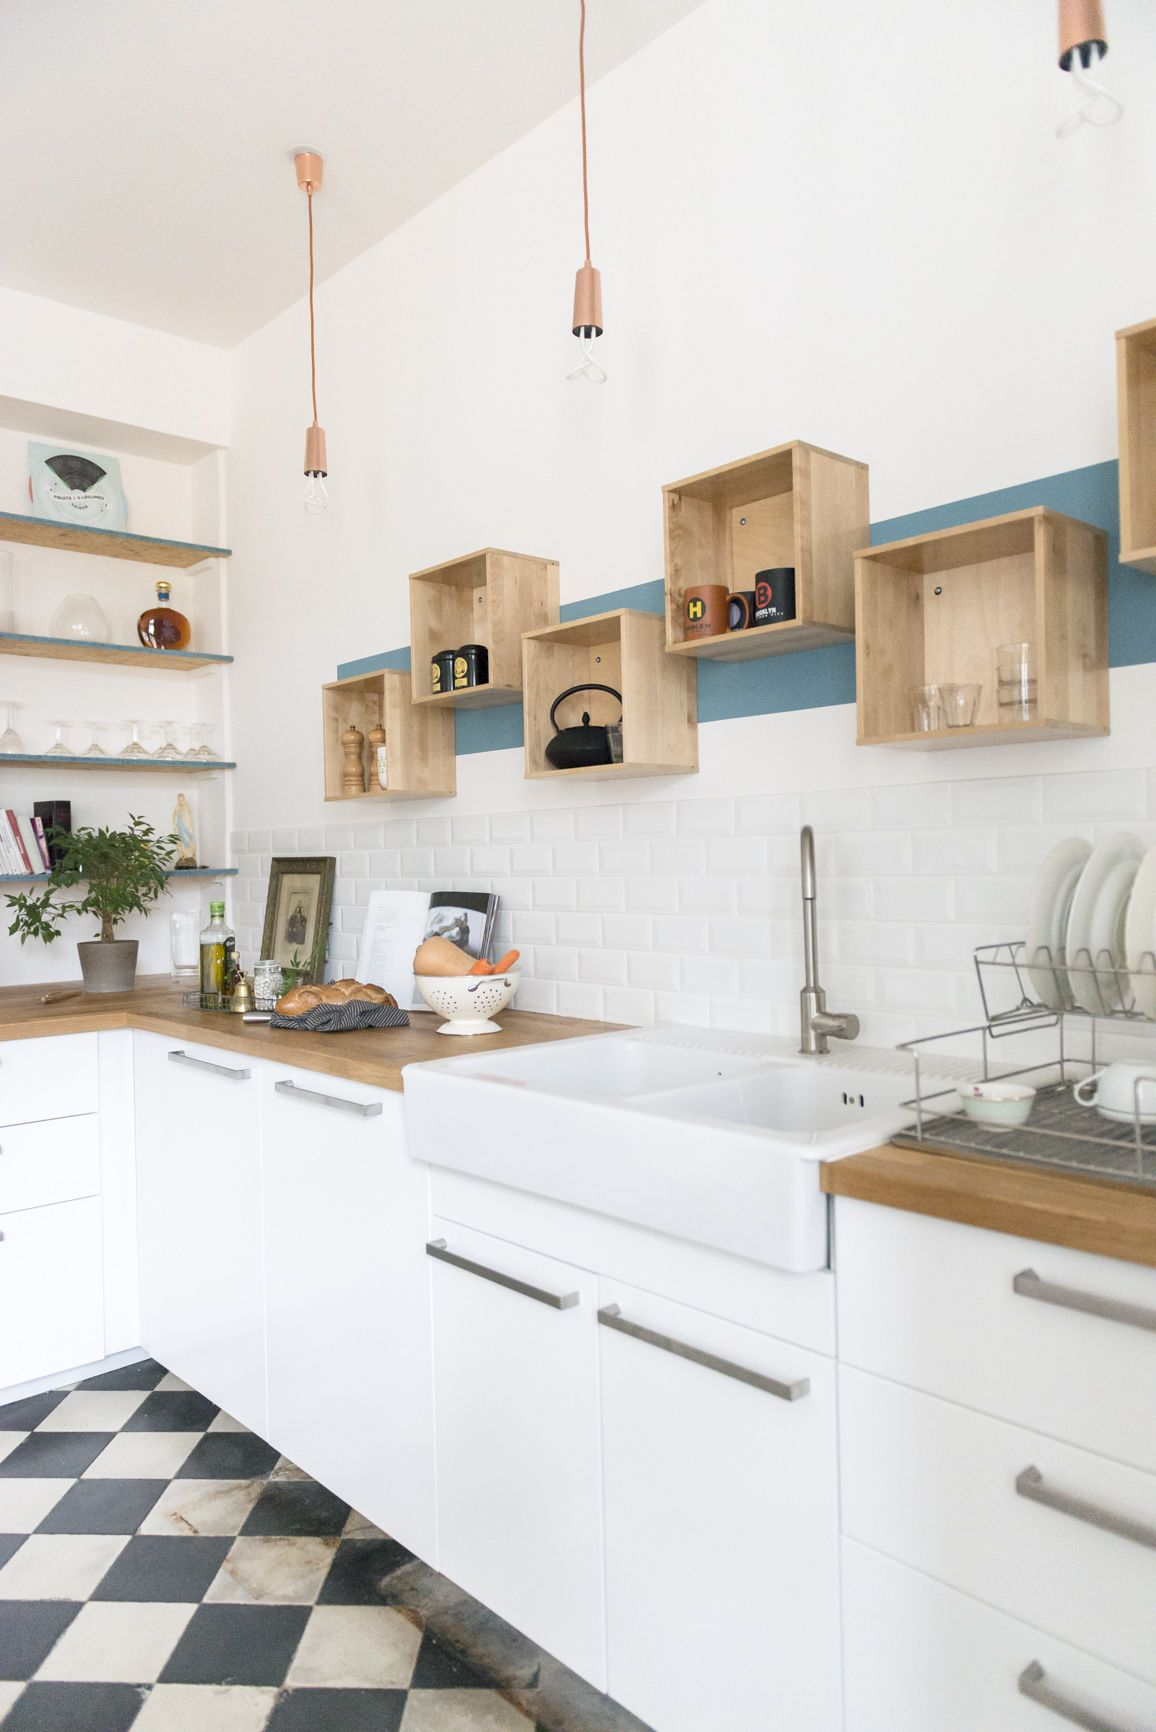 Fusion D – Rénovation décoration maison bourgeoise | cuisine appart ...